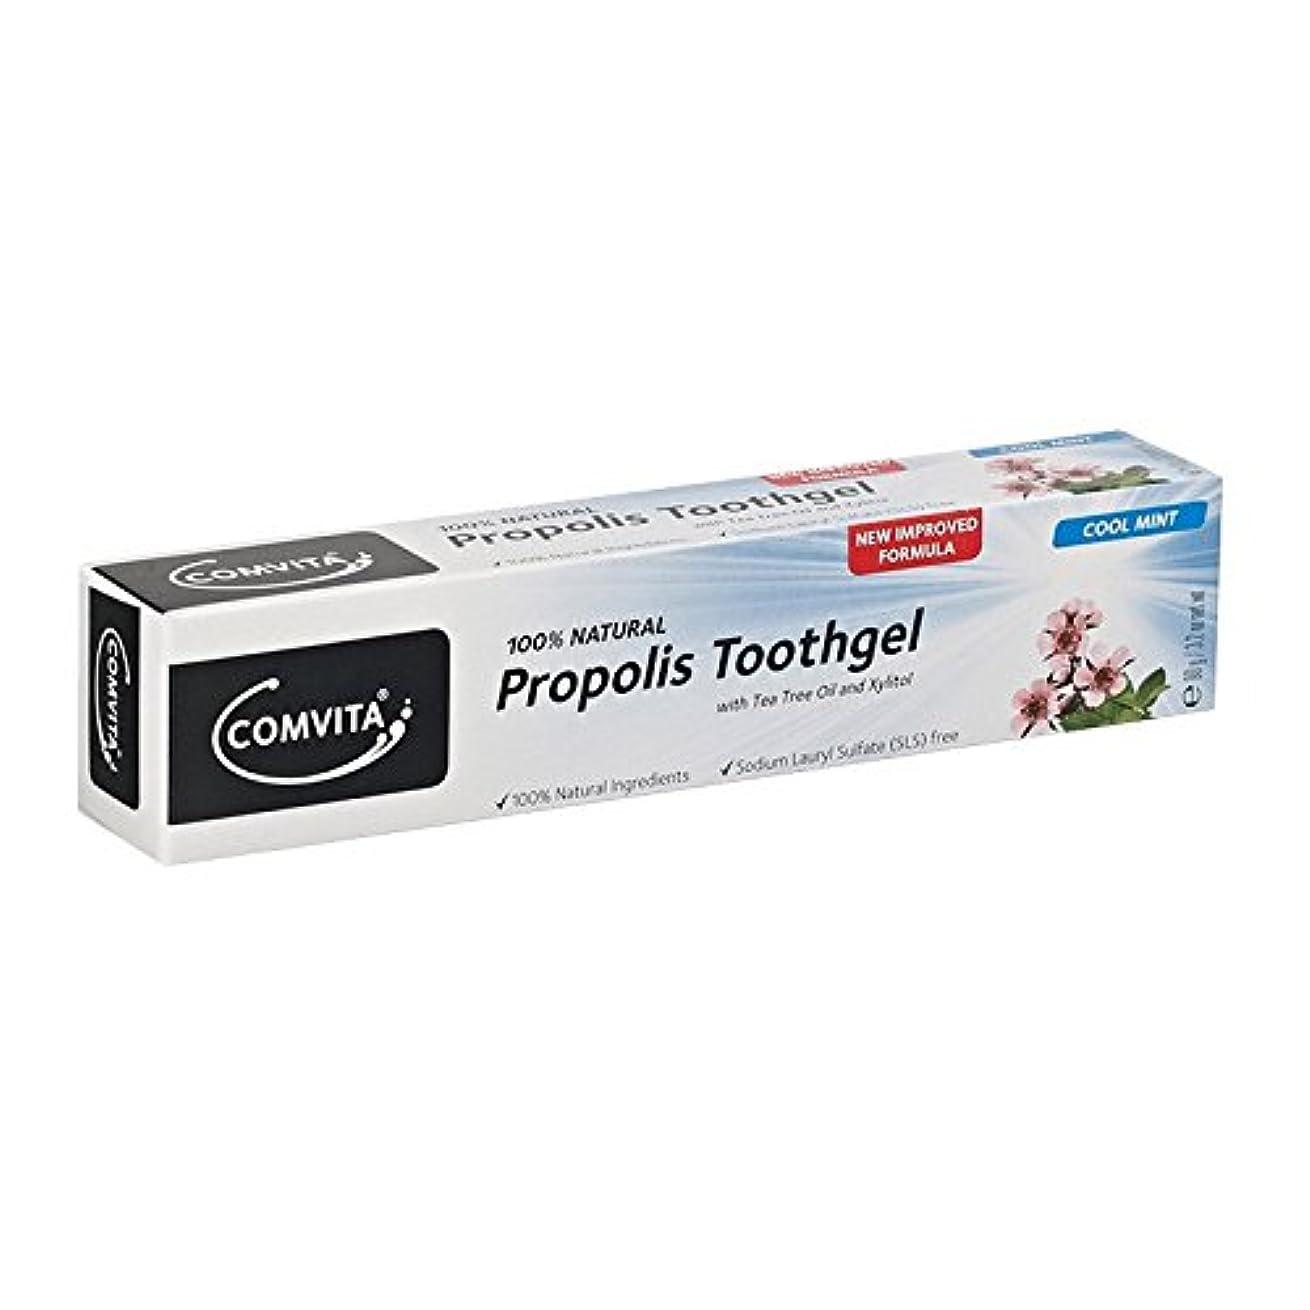 犠牲国高原Comvita 100 Natural Propolis Toothgel (Pack of 6) - コンビタ100天然プロポリスToothgel (x6) [並行輸入品]